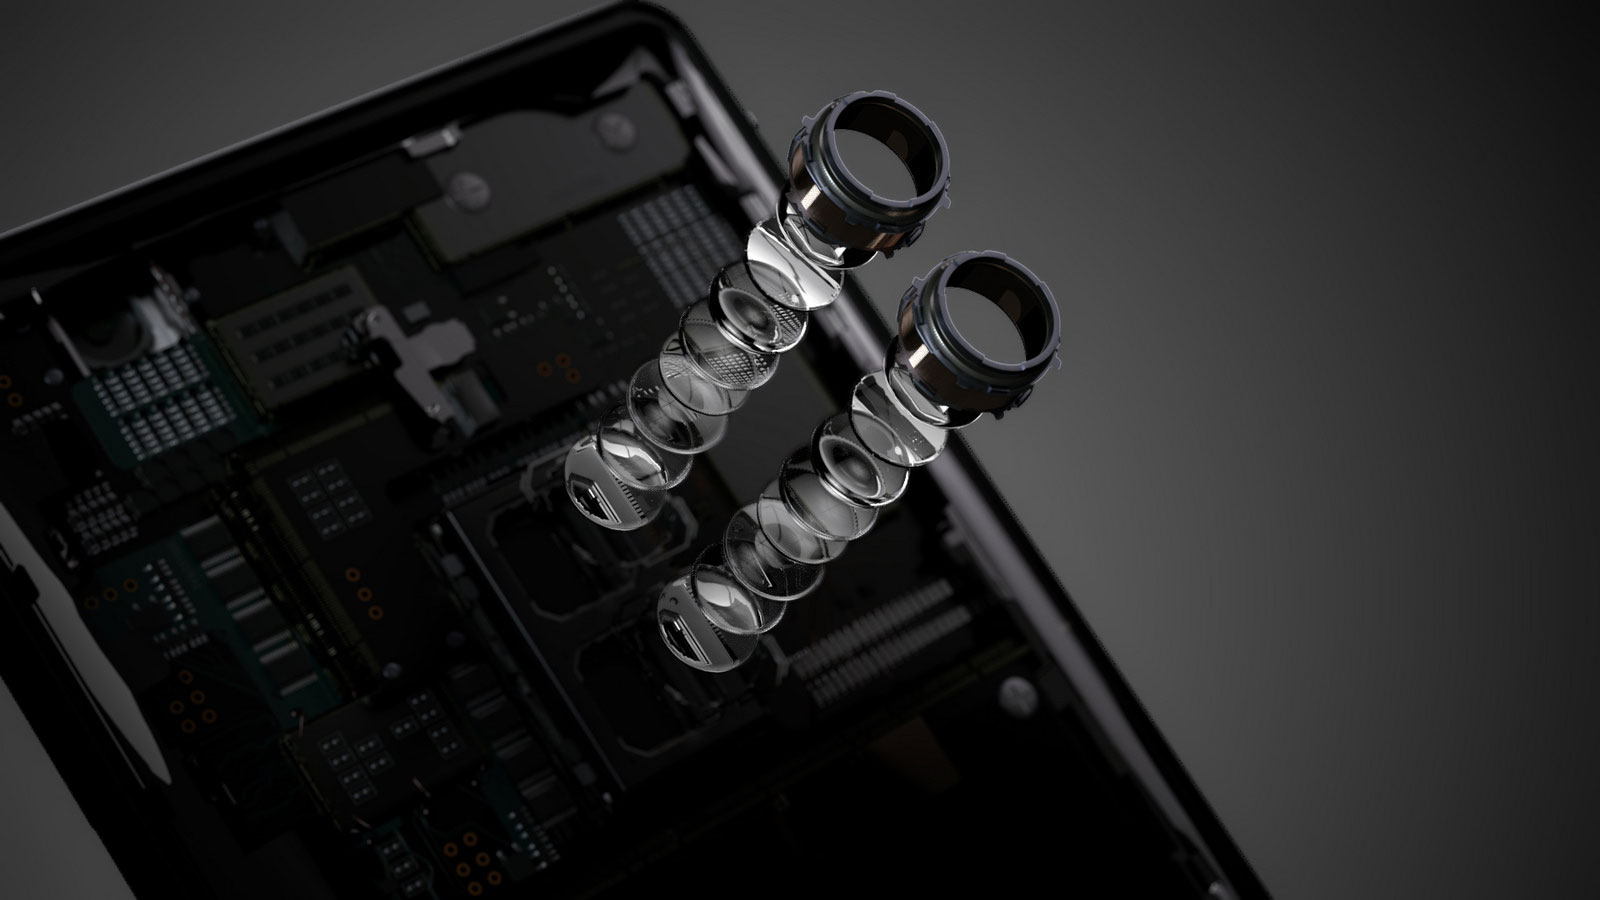 Sony Xperia XZ3 rò rỉ toàn bộ cấu hình phần cứng và được cài sẵn Android 9.0 khi xuất xưởng